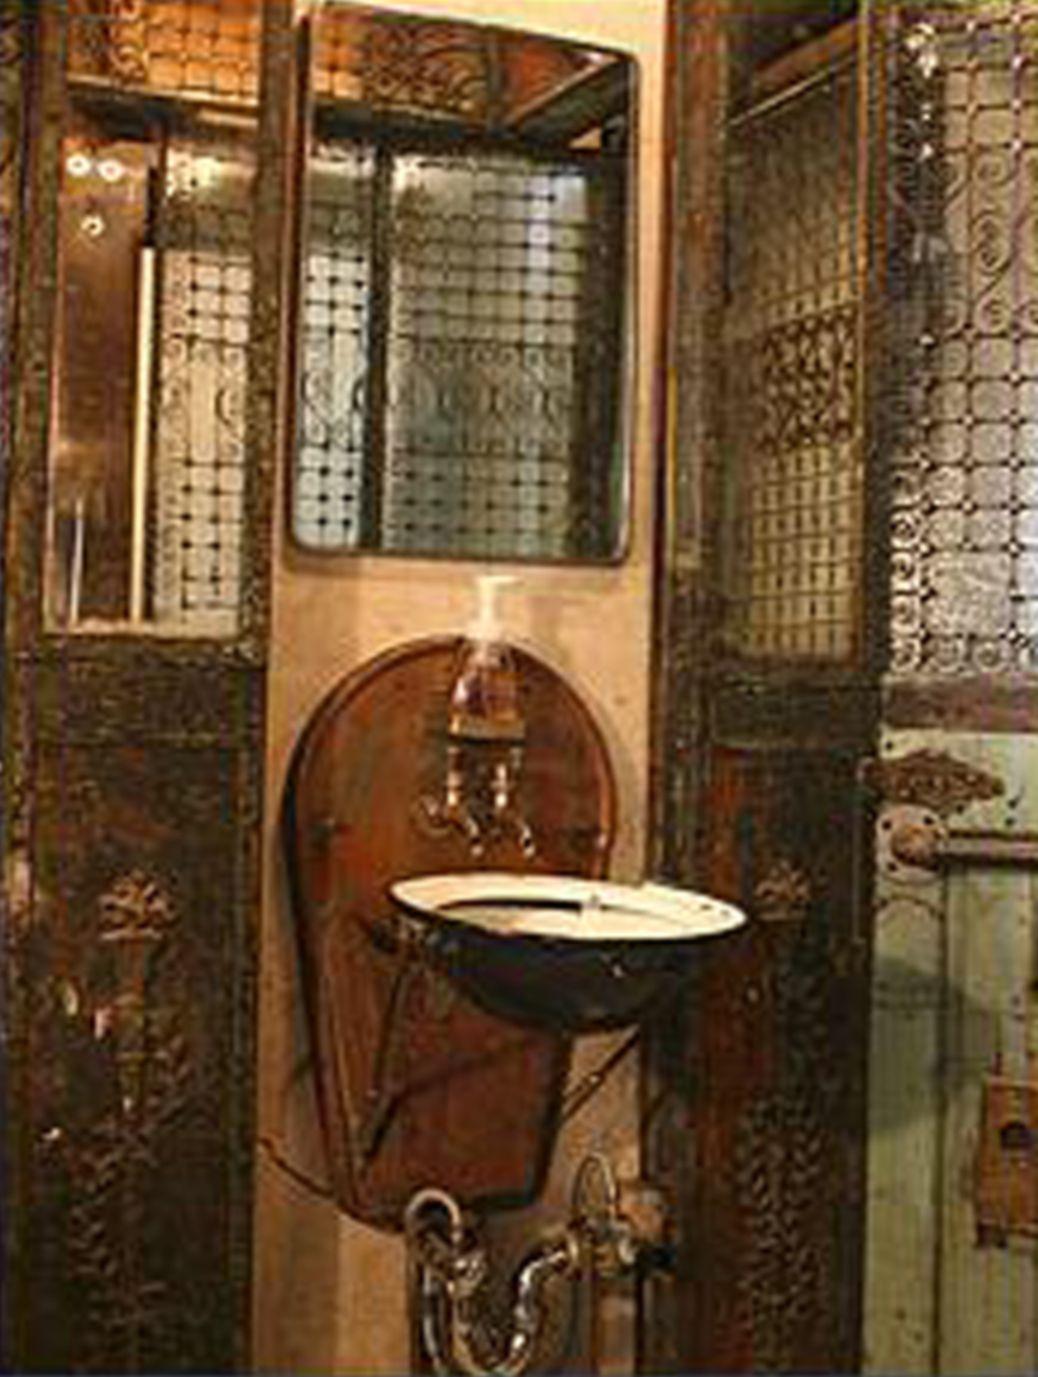 Beau Ornate Bathroom Sink U0026 Doors